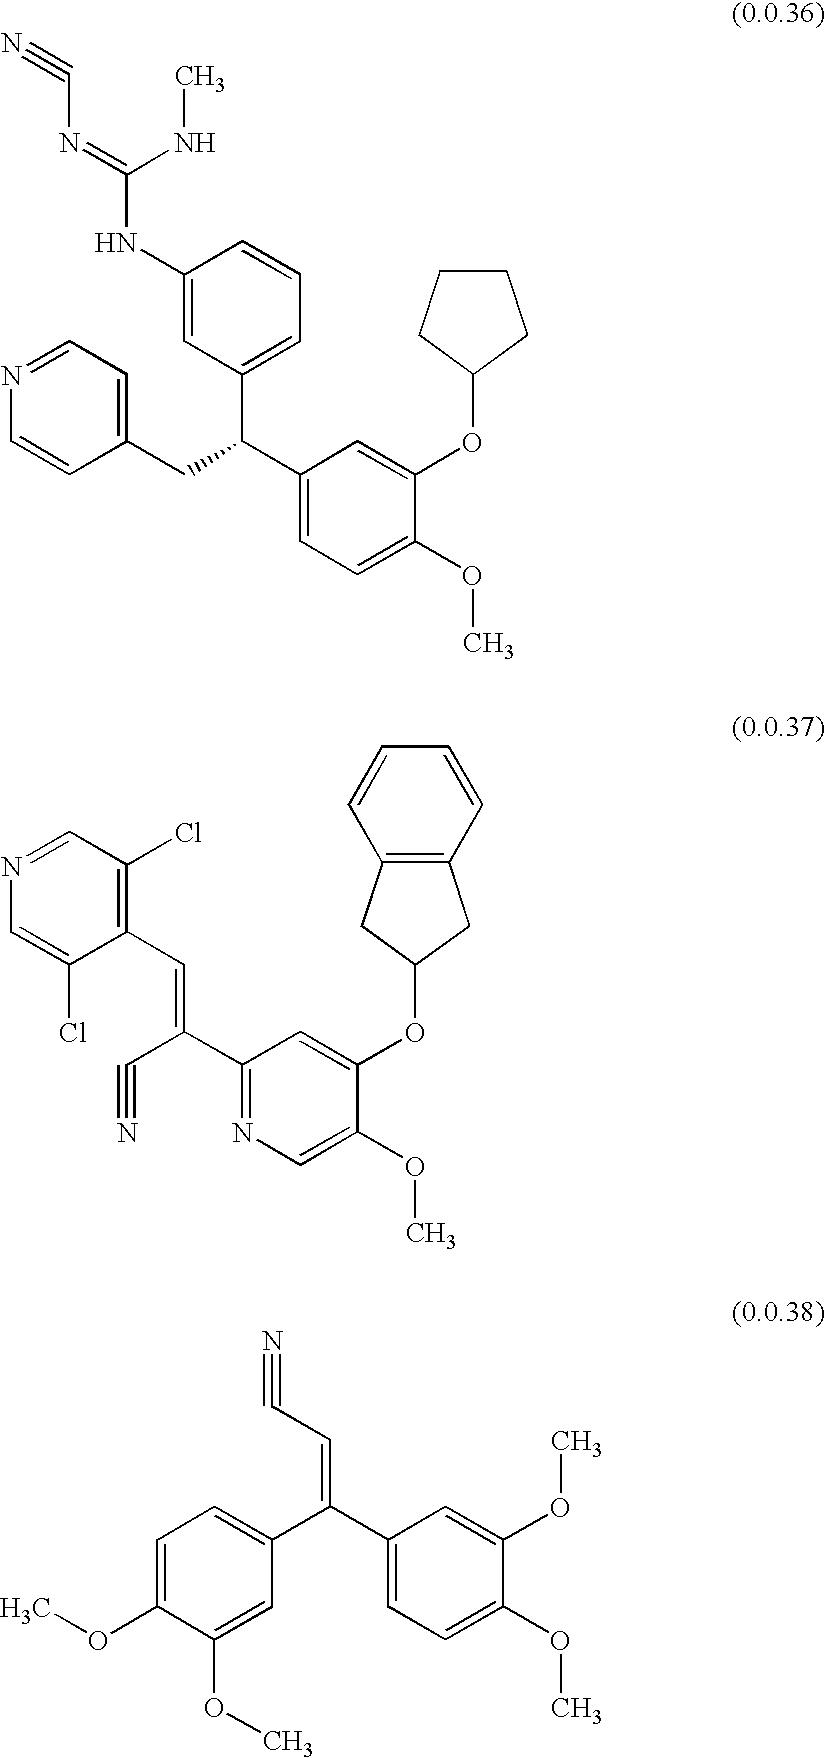 Figure US20030186974A1-20031002-C00026